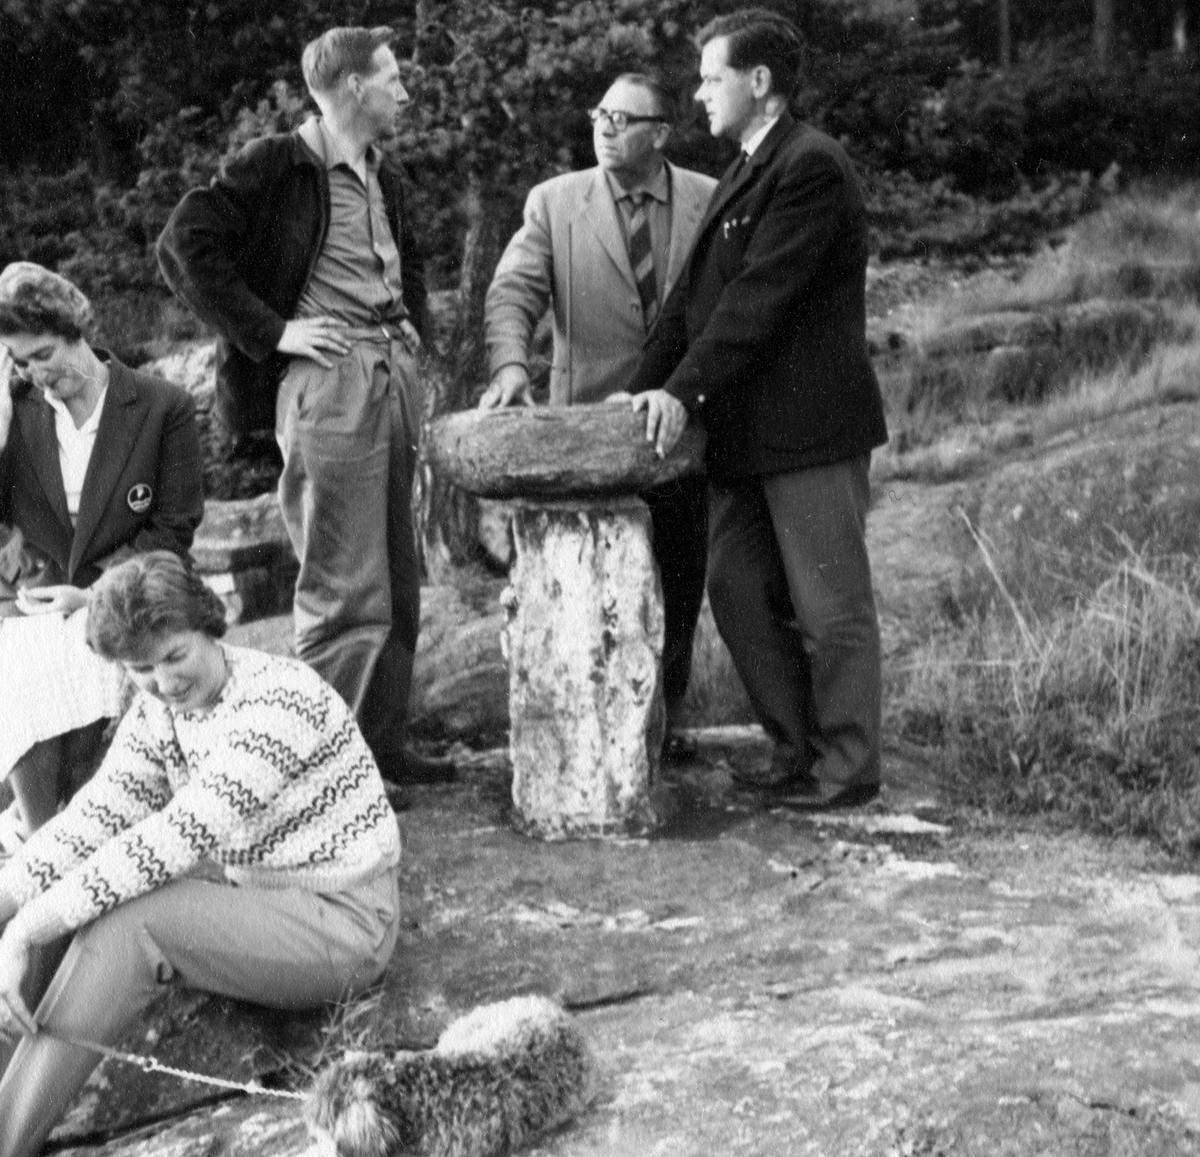 Vägfrågan diskuteras i en paus på årsmötet vid badstranden 1962.